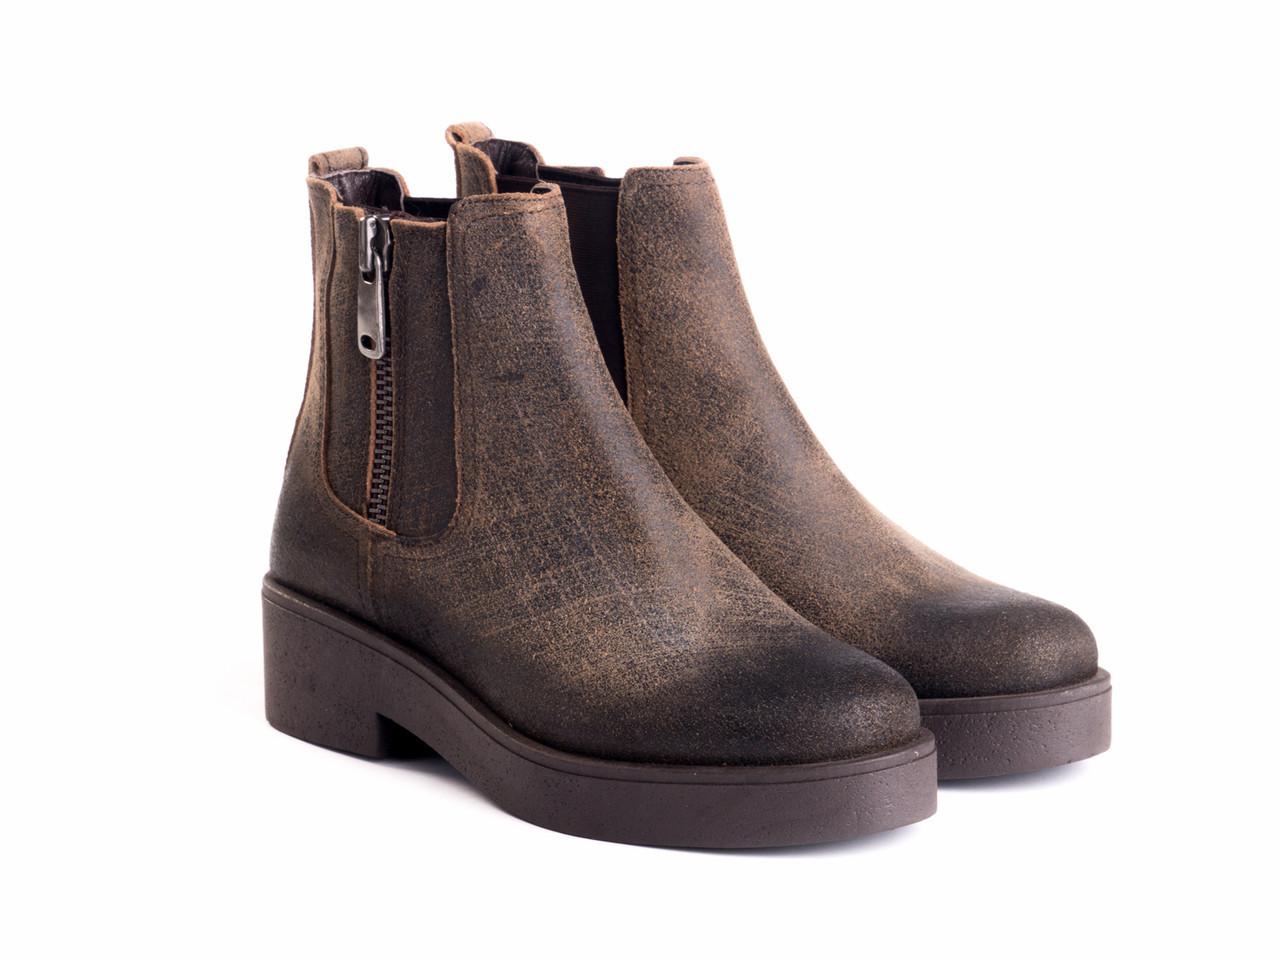 Ботинки Etor 5605-02140-207 39 коричневые